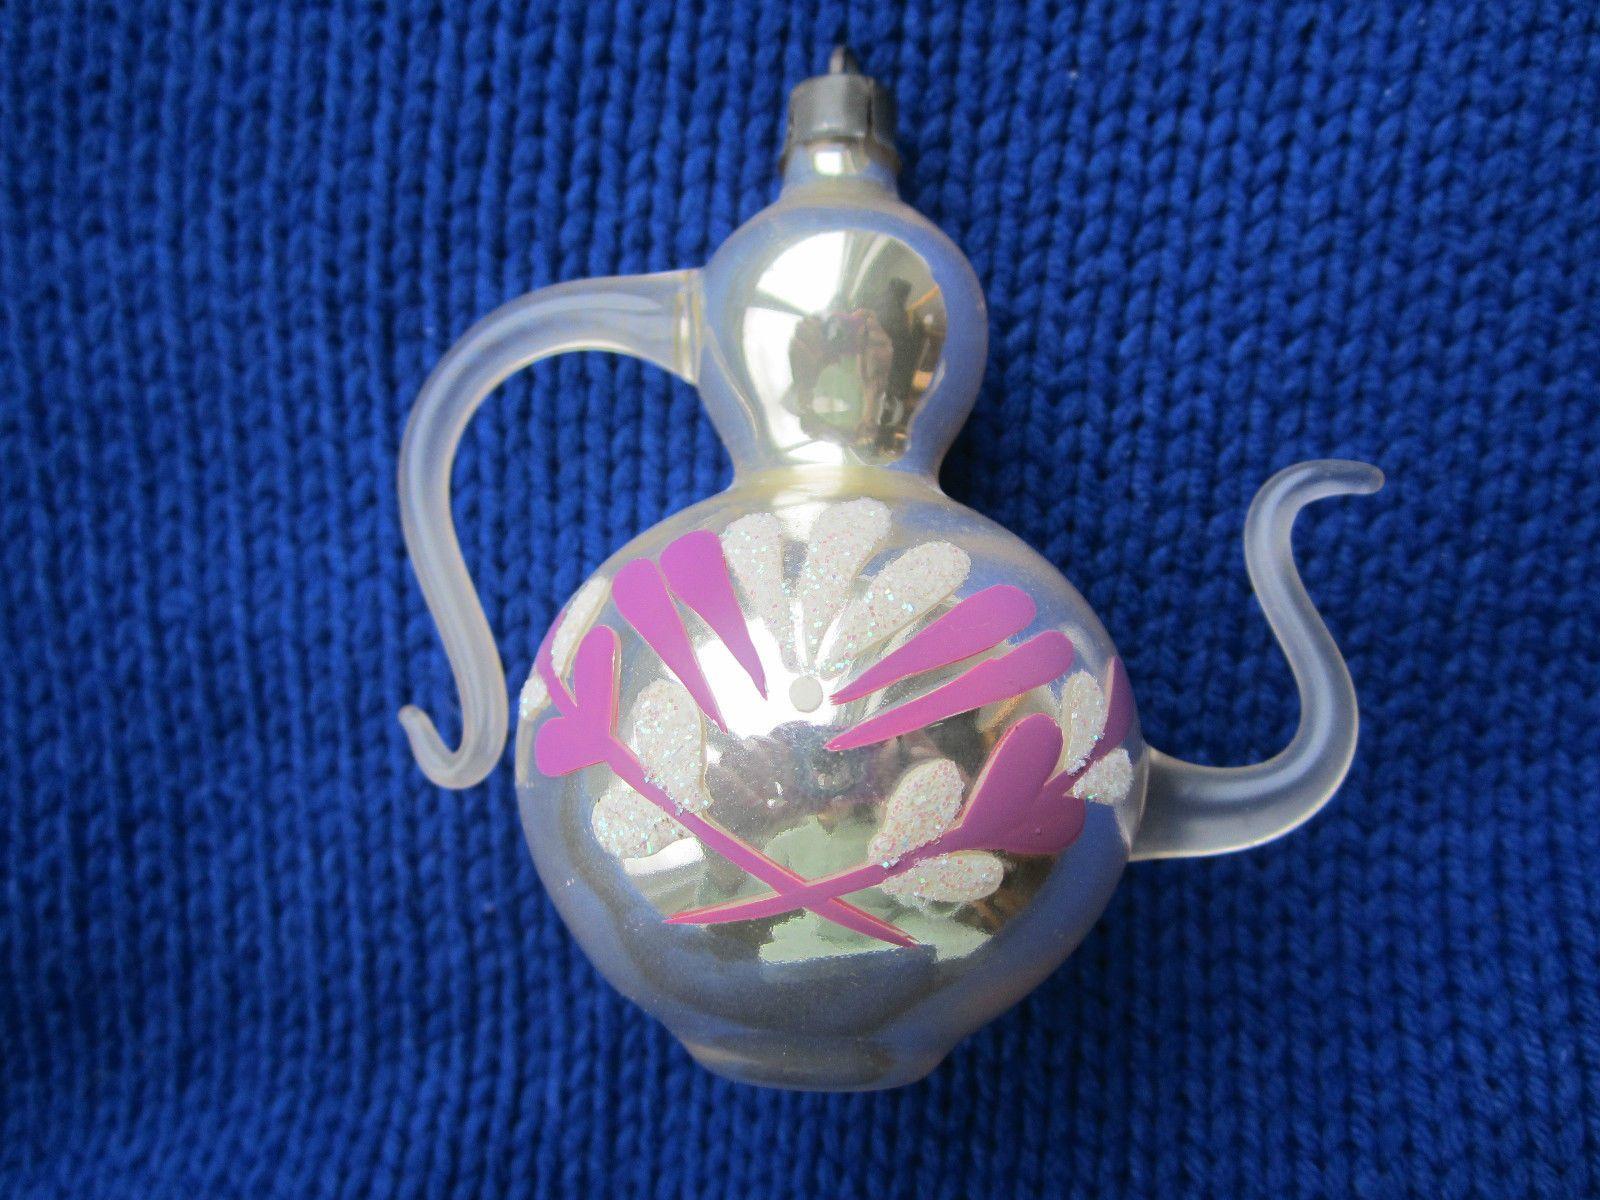 Vintage Blown Glass Teapot Ornament C 1950s Teapot Ornament Antique Christmas Ornaments Antique Christmas